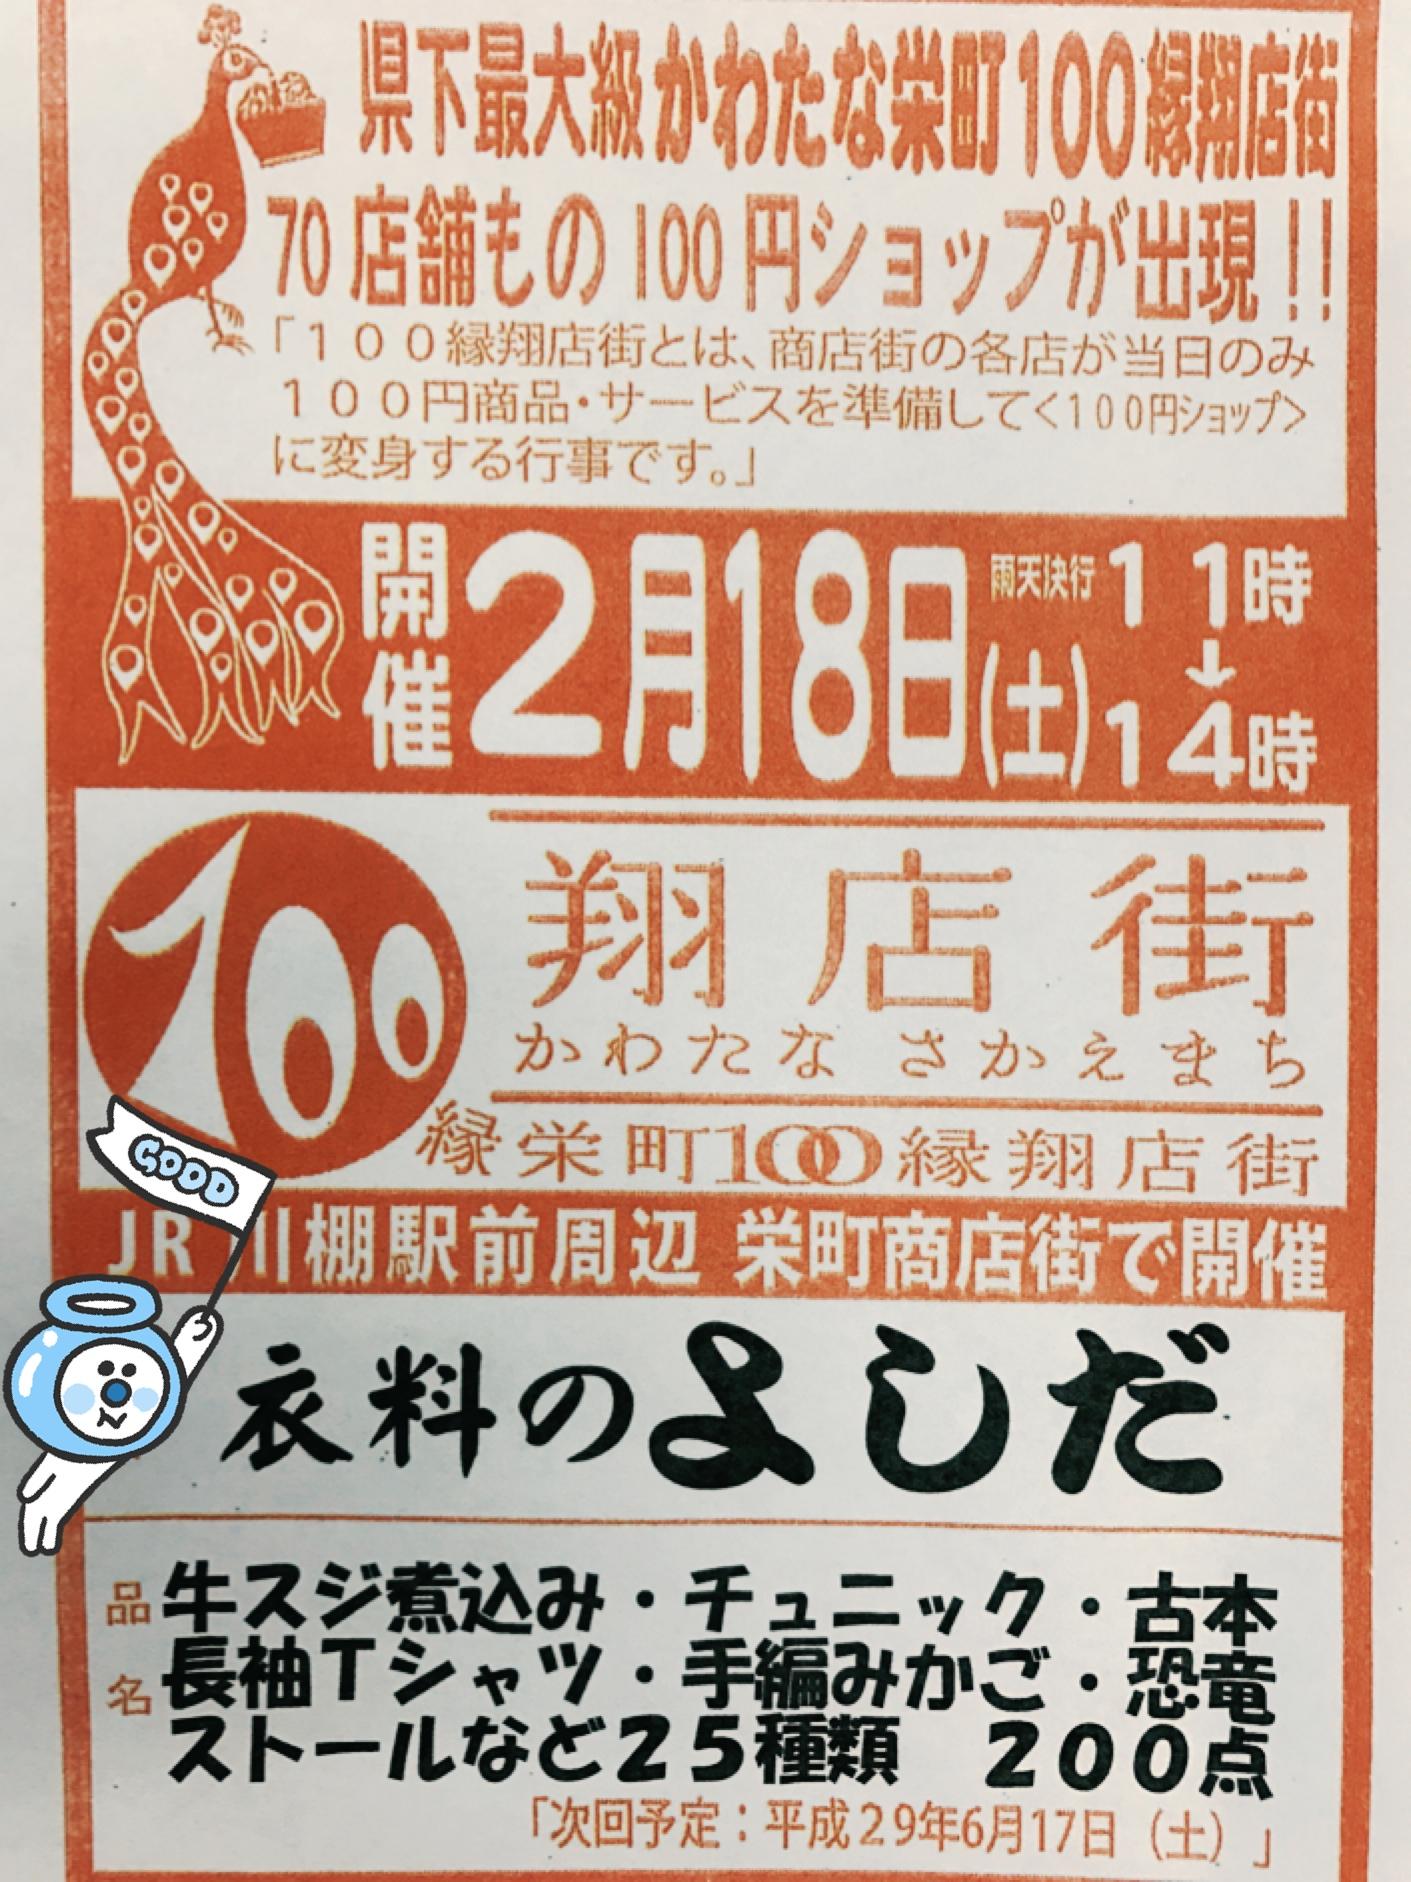 かわたな栄町100円翔店街 2月18日(土)開催~♪(´‥`)//